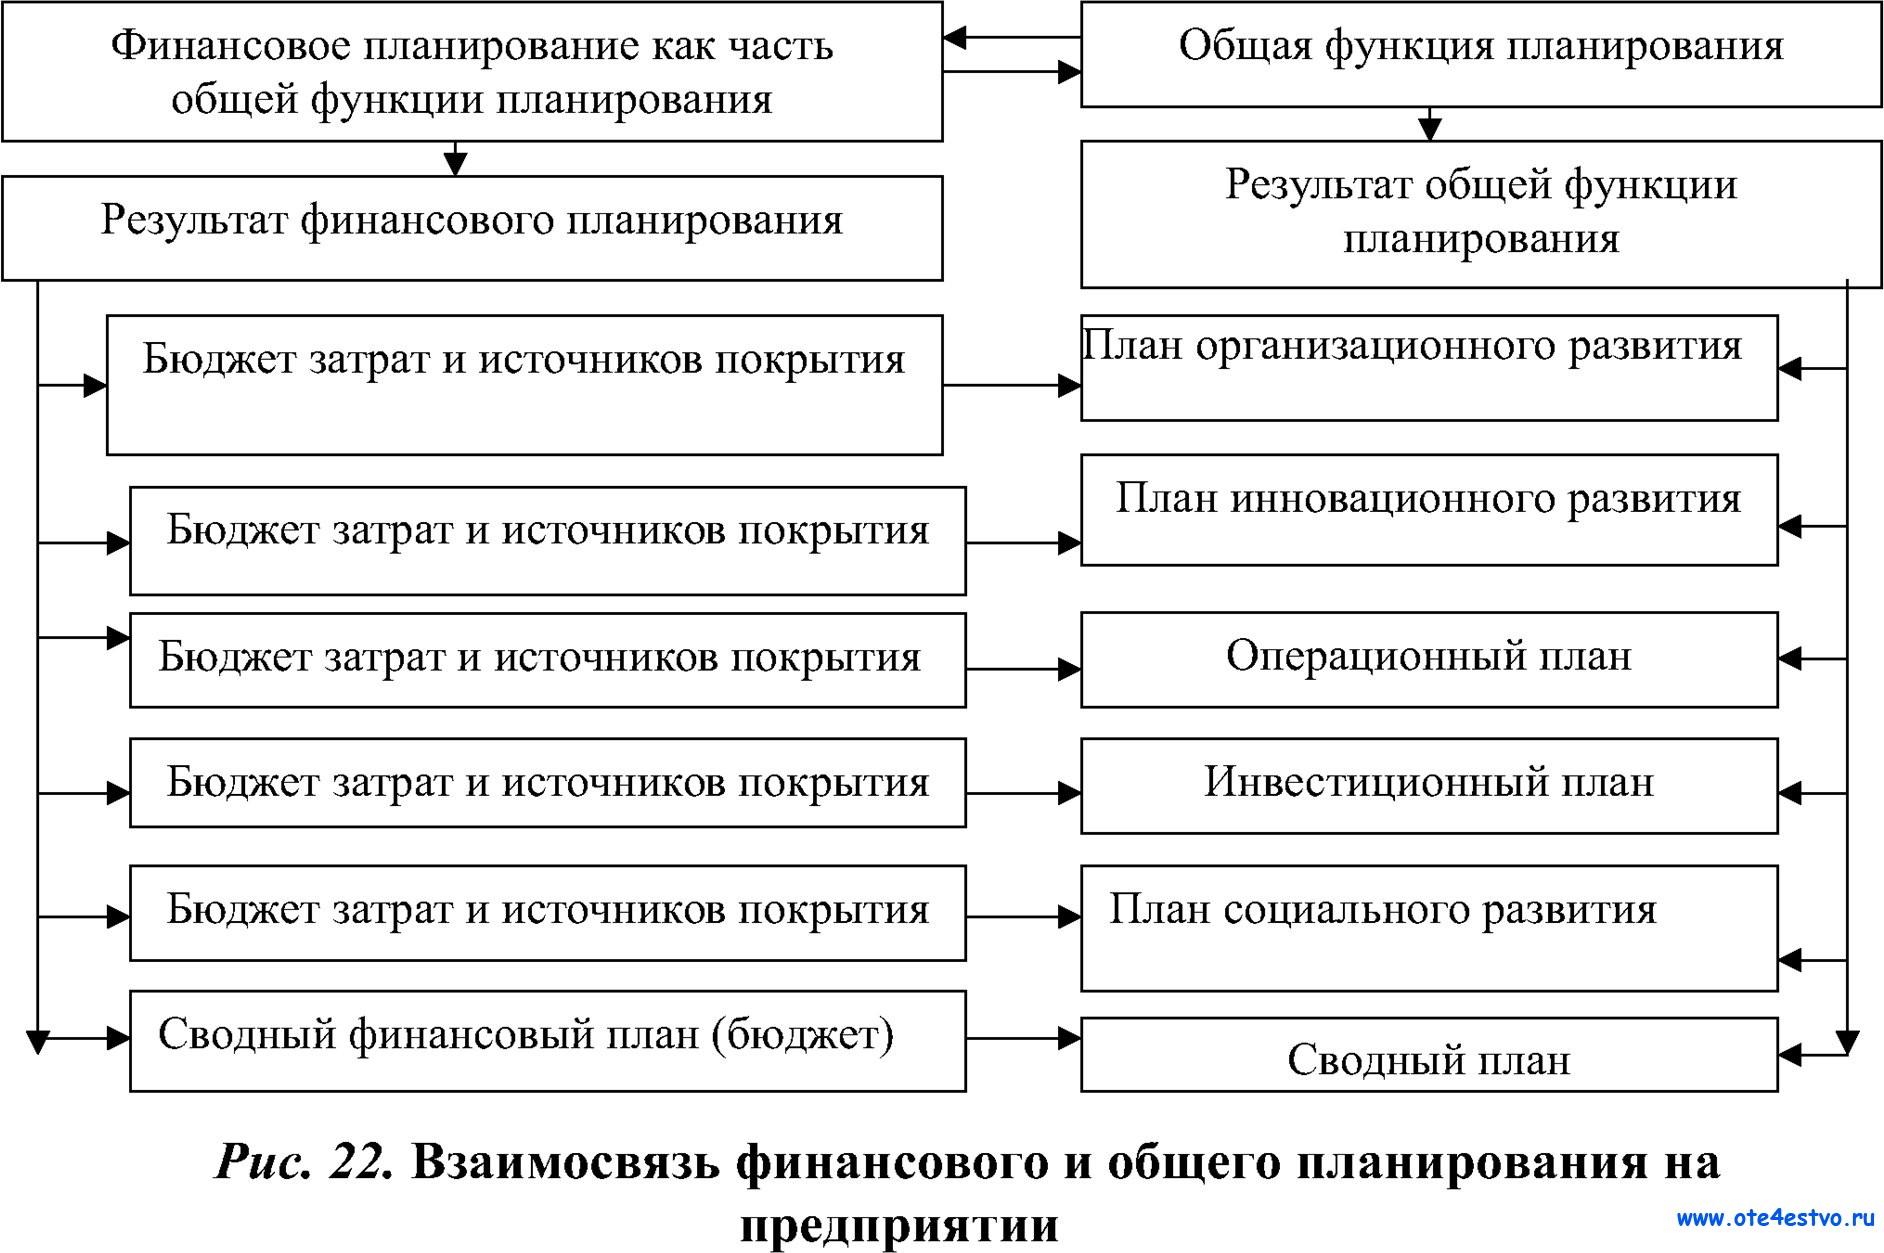 Схема финансового планирования предприятия